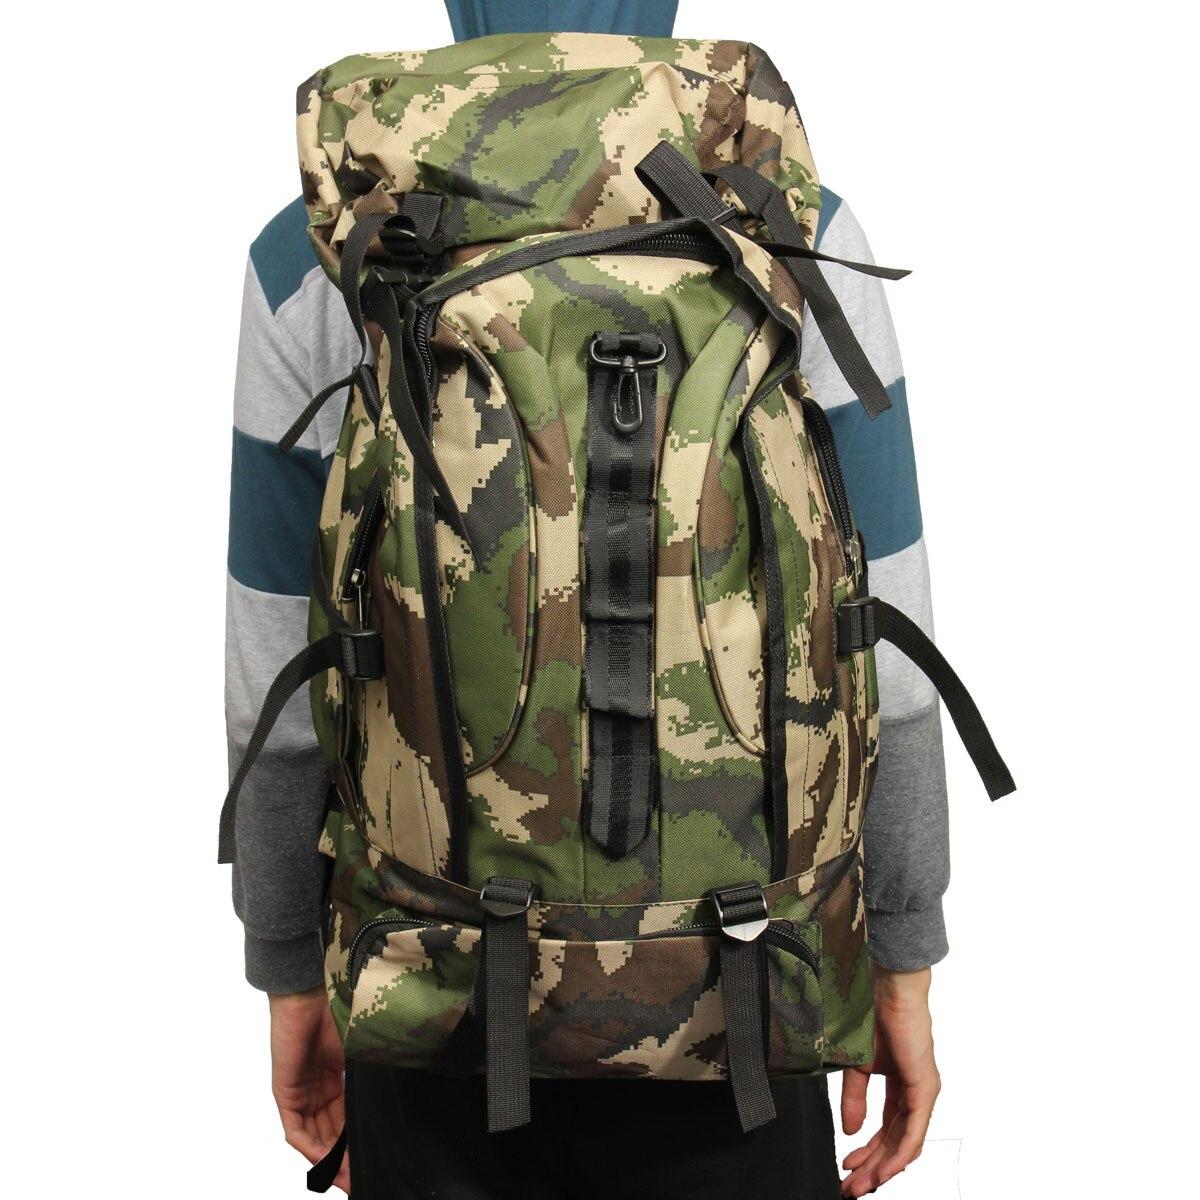 Offre spéciale 80L Nylon unisexe extérieur sac à dos militaire armée tactique sac à dos Trekking voyage Camouflage sac à dos escalade sacs